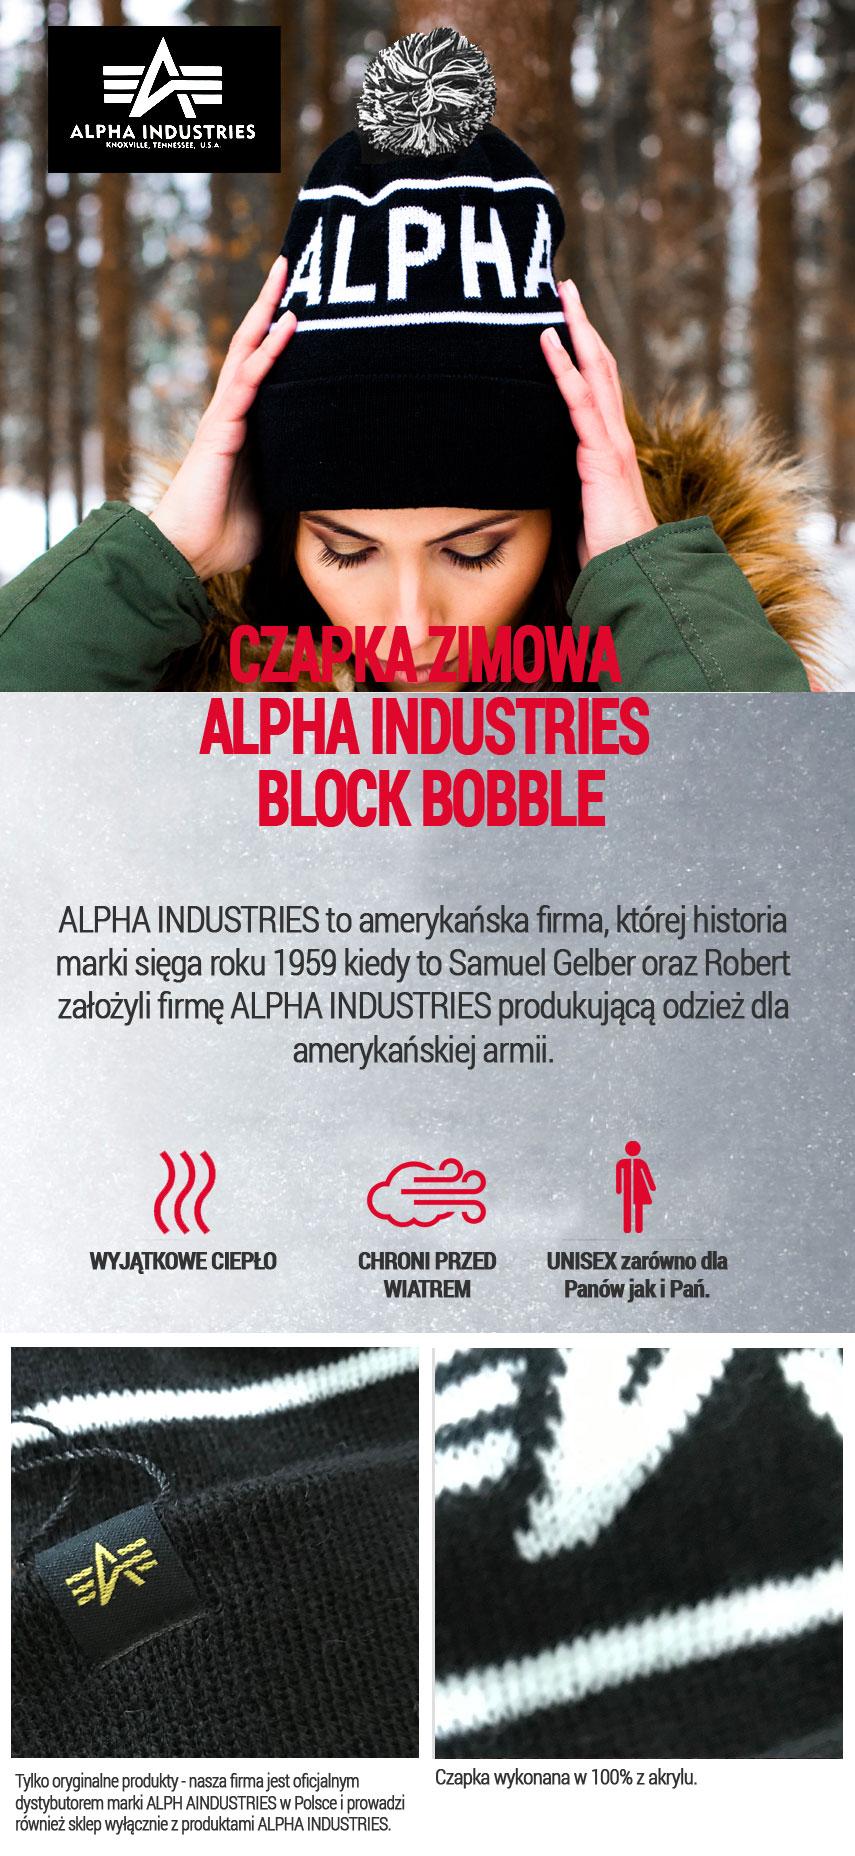 Czapka zimowa ALPHA INDUSTRIES BLOCK BOBBLE Czarna